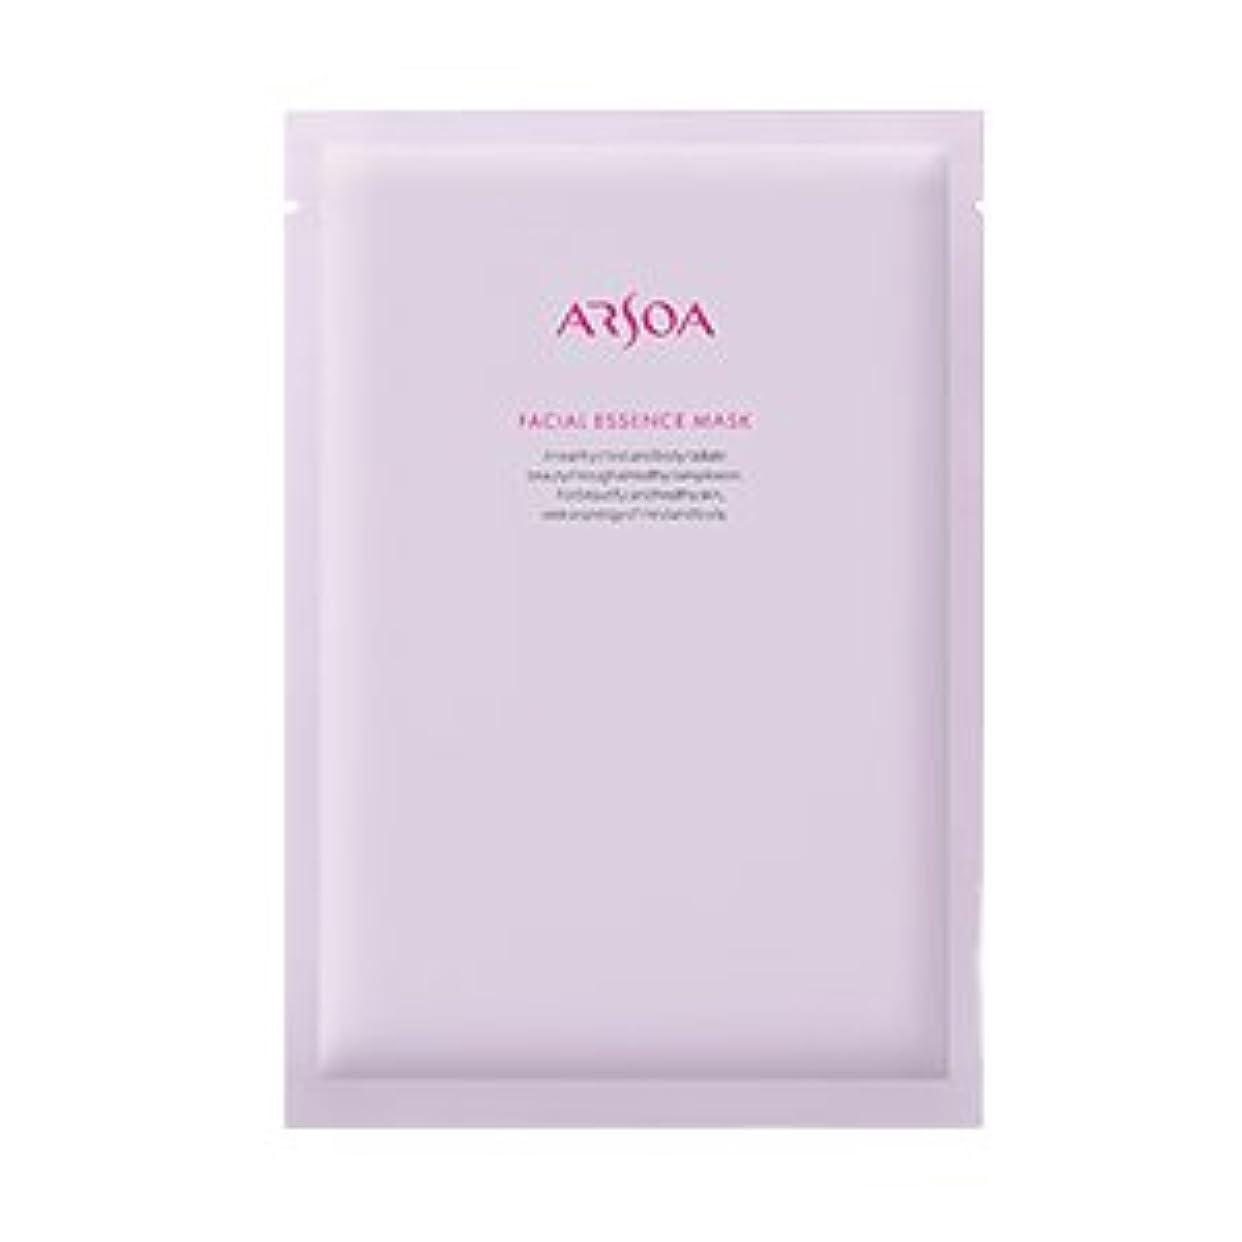 クラシカルグレー代表してアルソア フェイシャル エッセンス マスク(保湿シートマスク) 30ml×1枚 外箱なし ARSOA